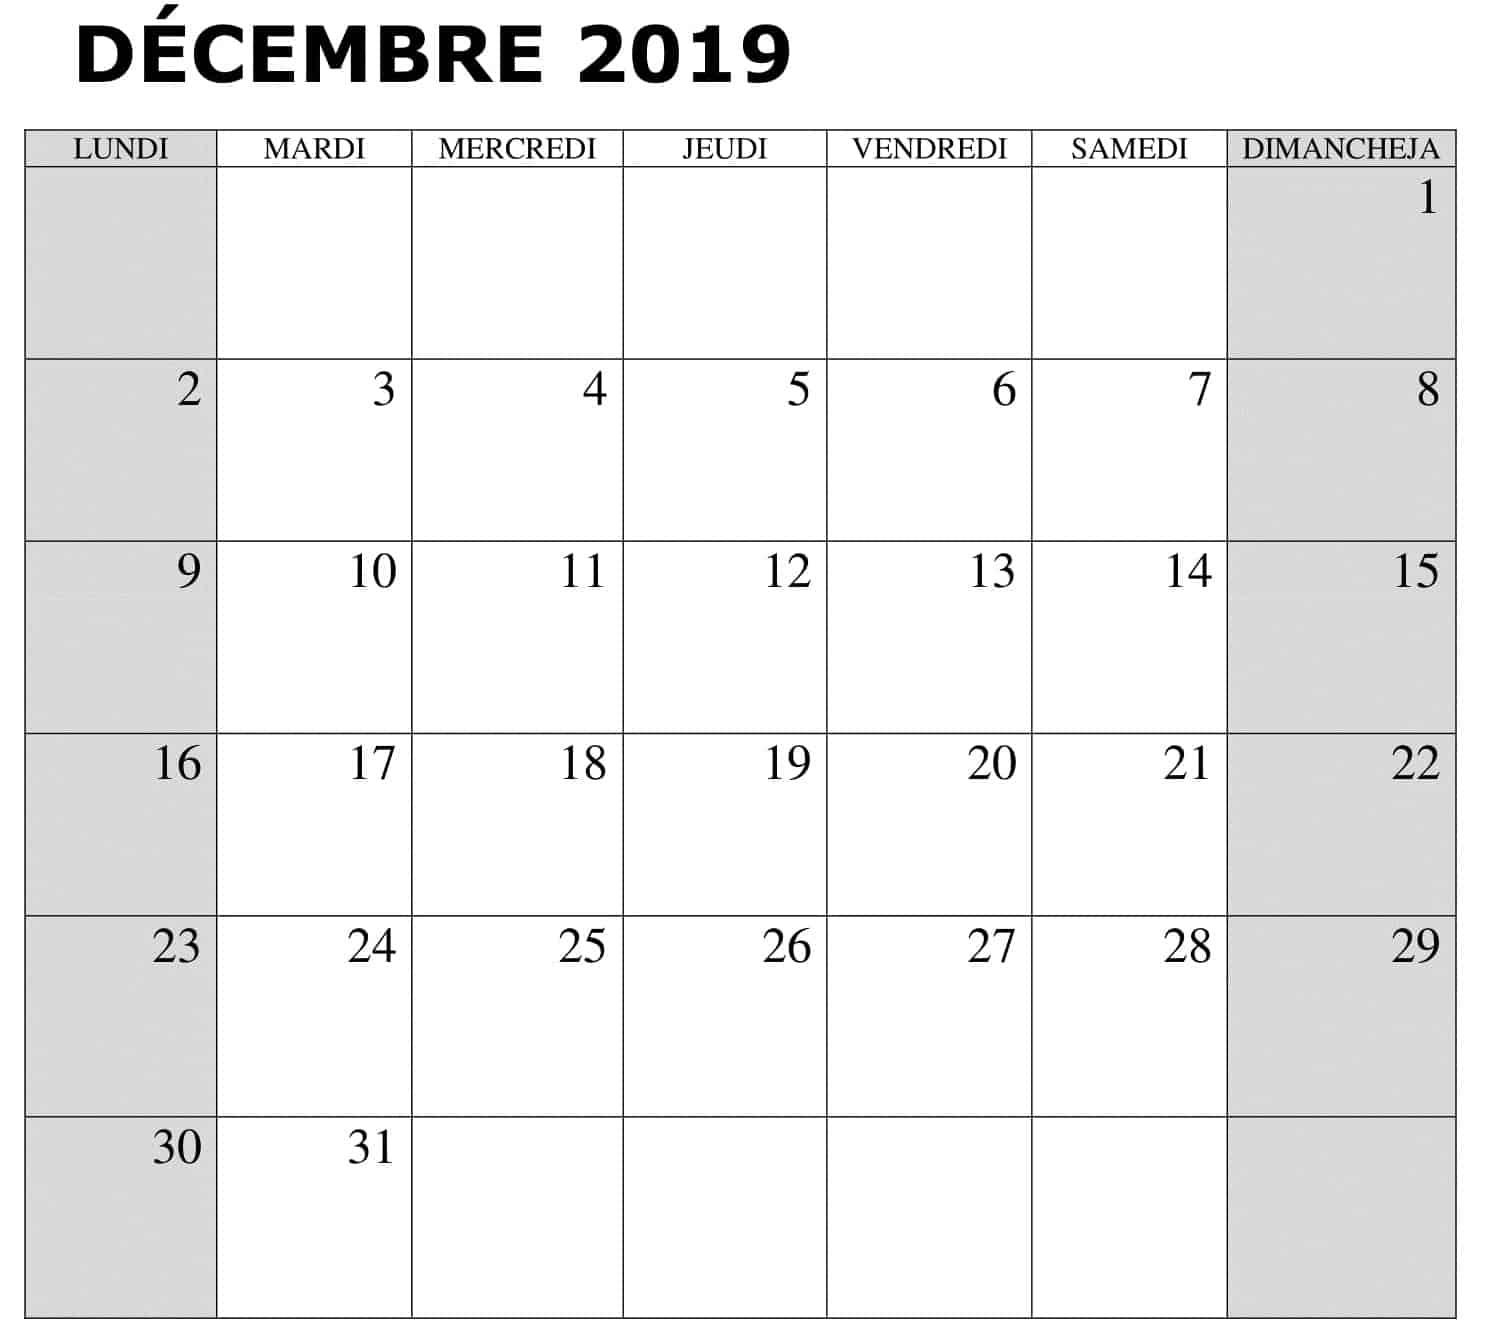 Calendrier Décembre 2019 PDF